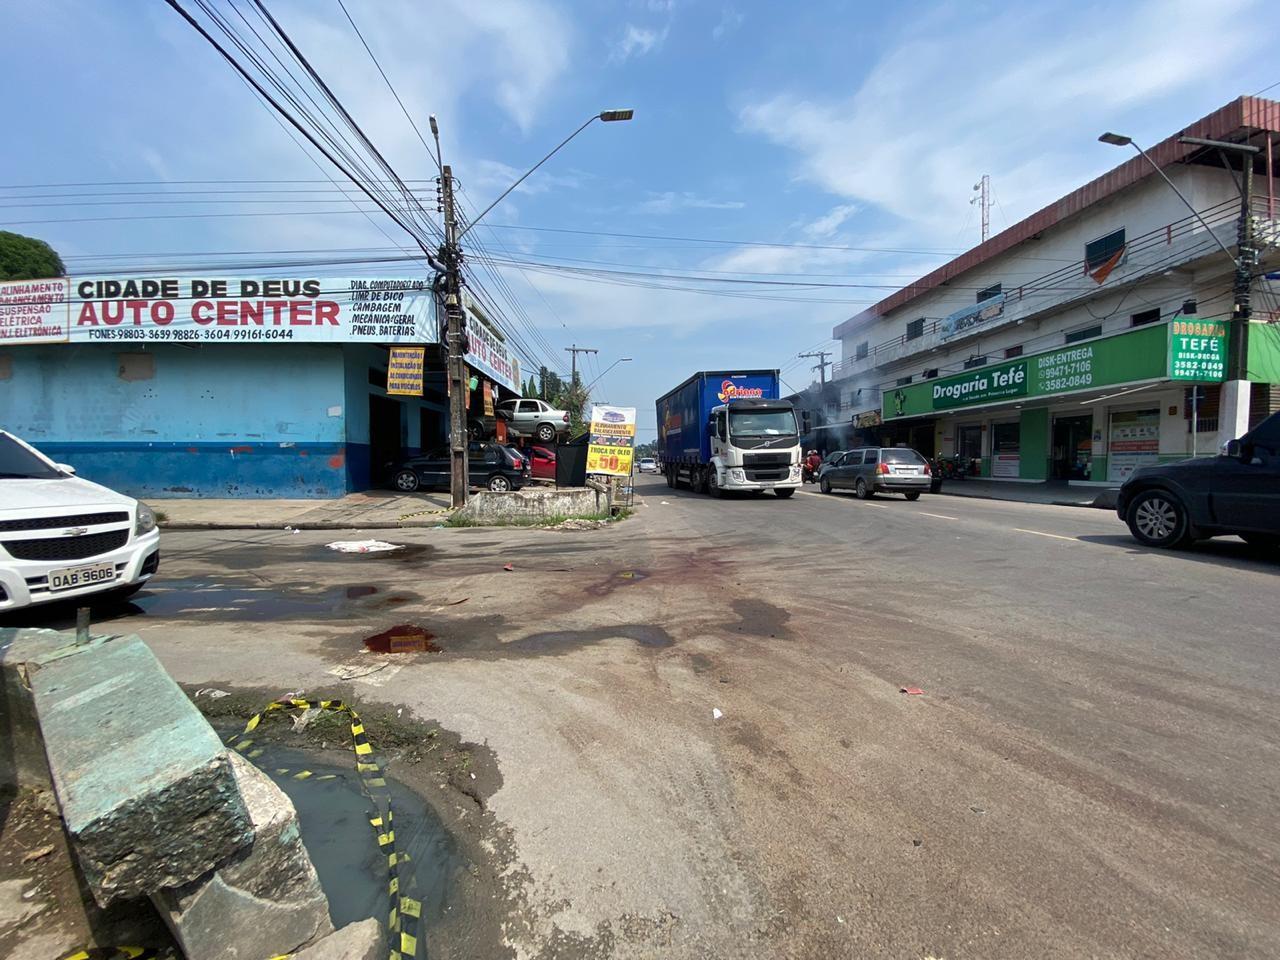 Estudo aponta que comunidade Cidade de Deus, em Manaus, é uma das dez maiores do país em potencial econômico